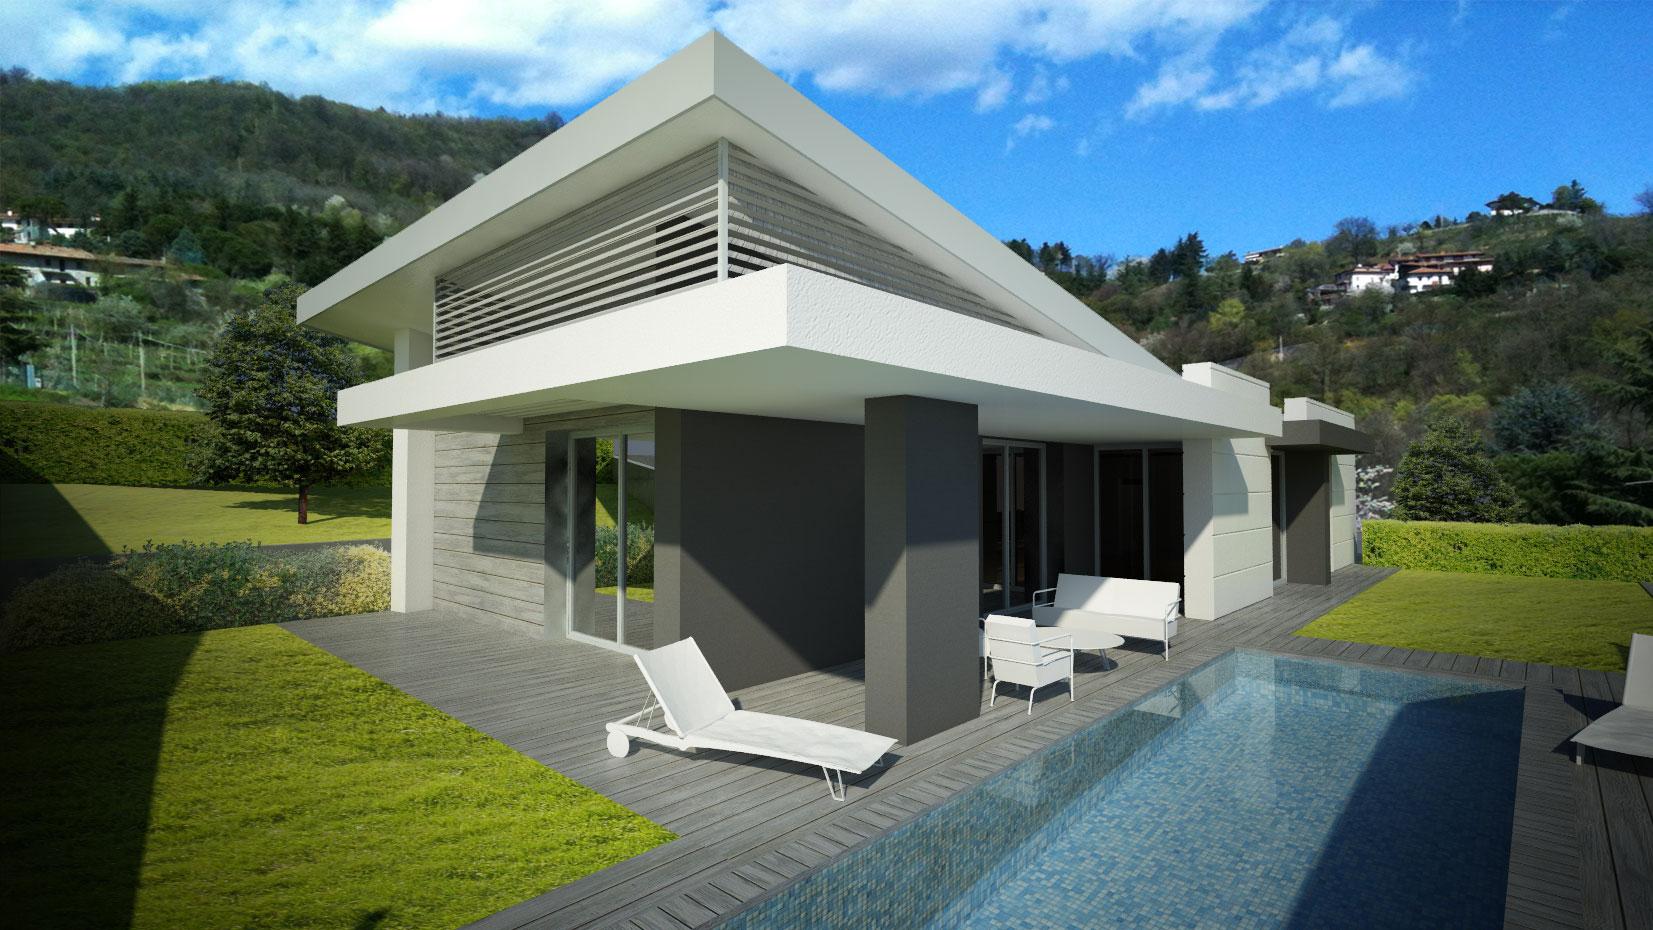 Villa cenate sopra dimore architetture for Piani di casa con piscina